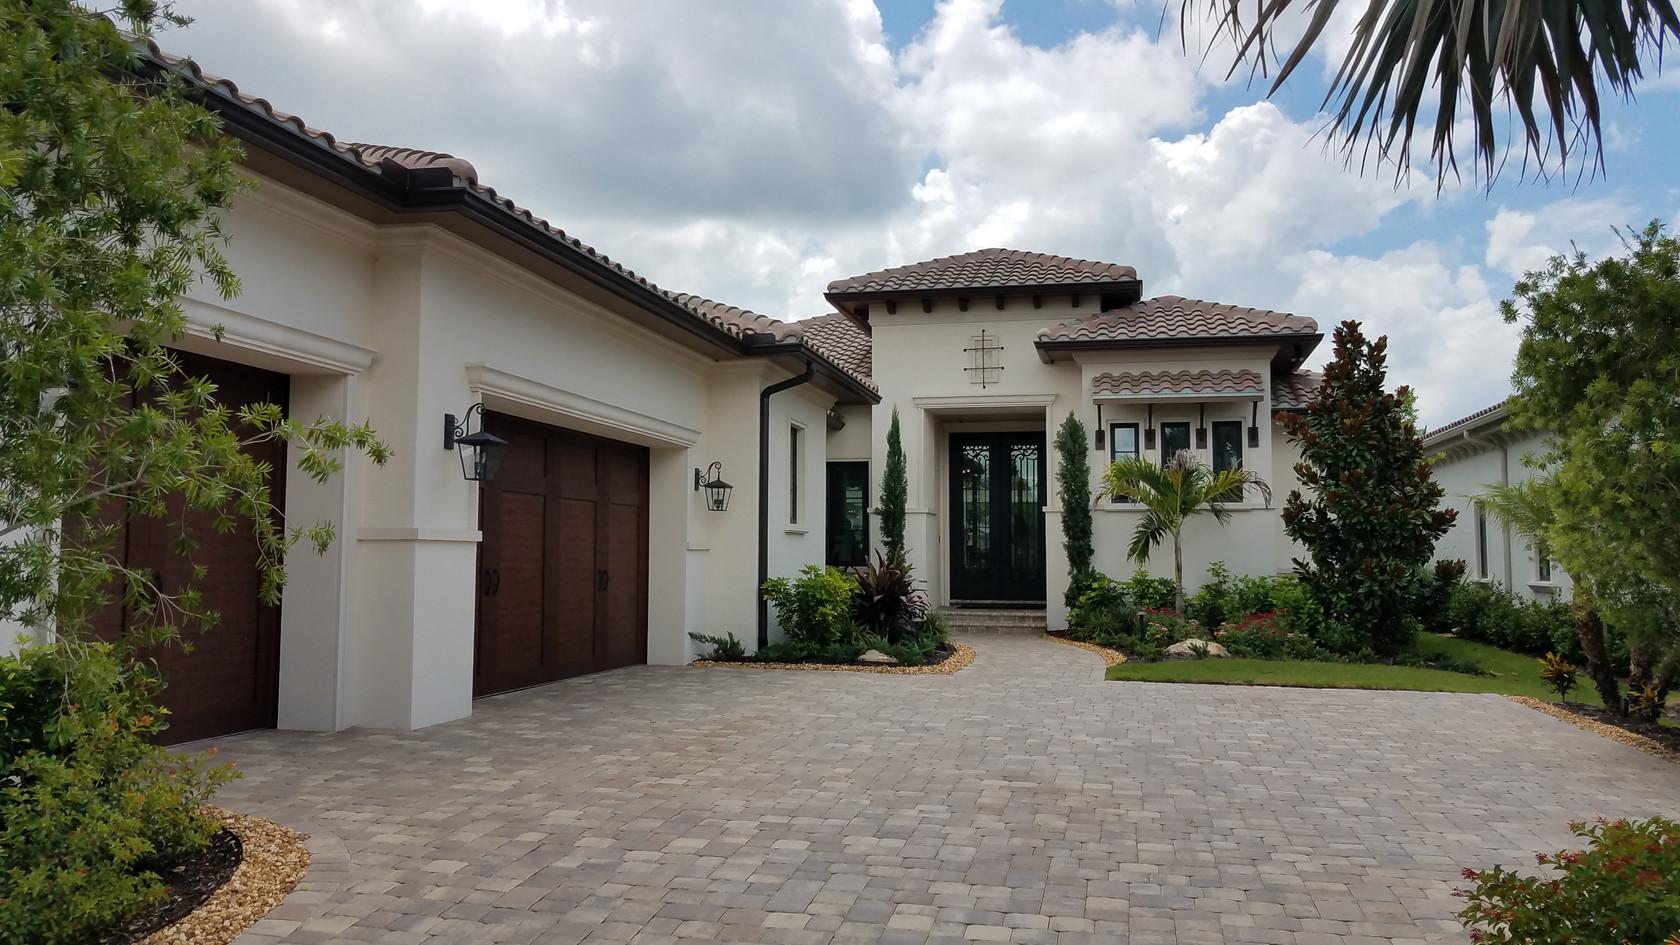 The Lake Club model homes